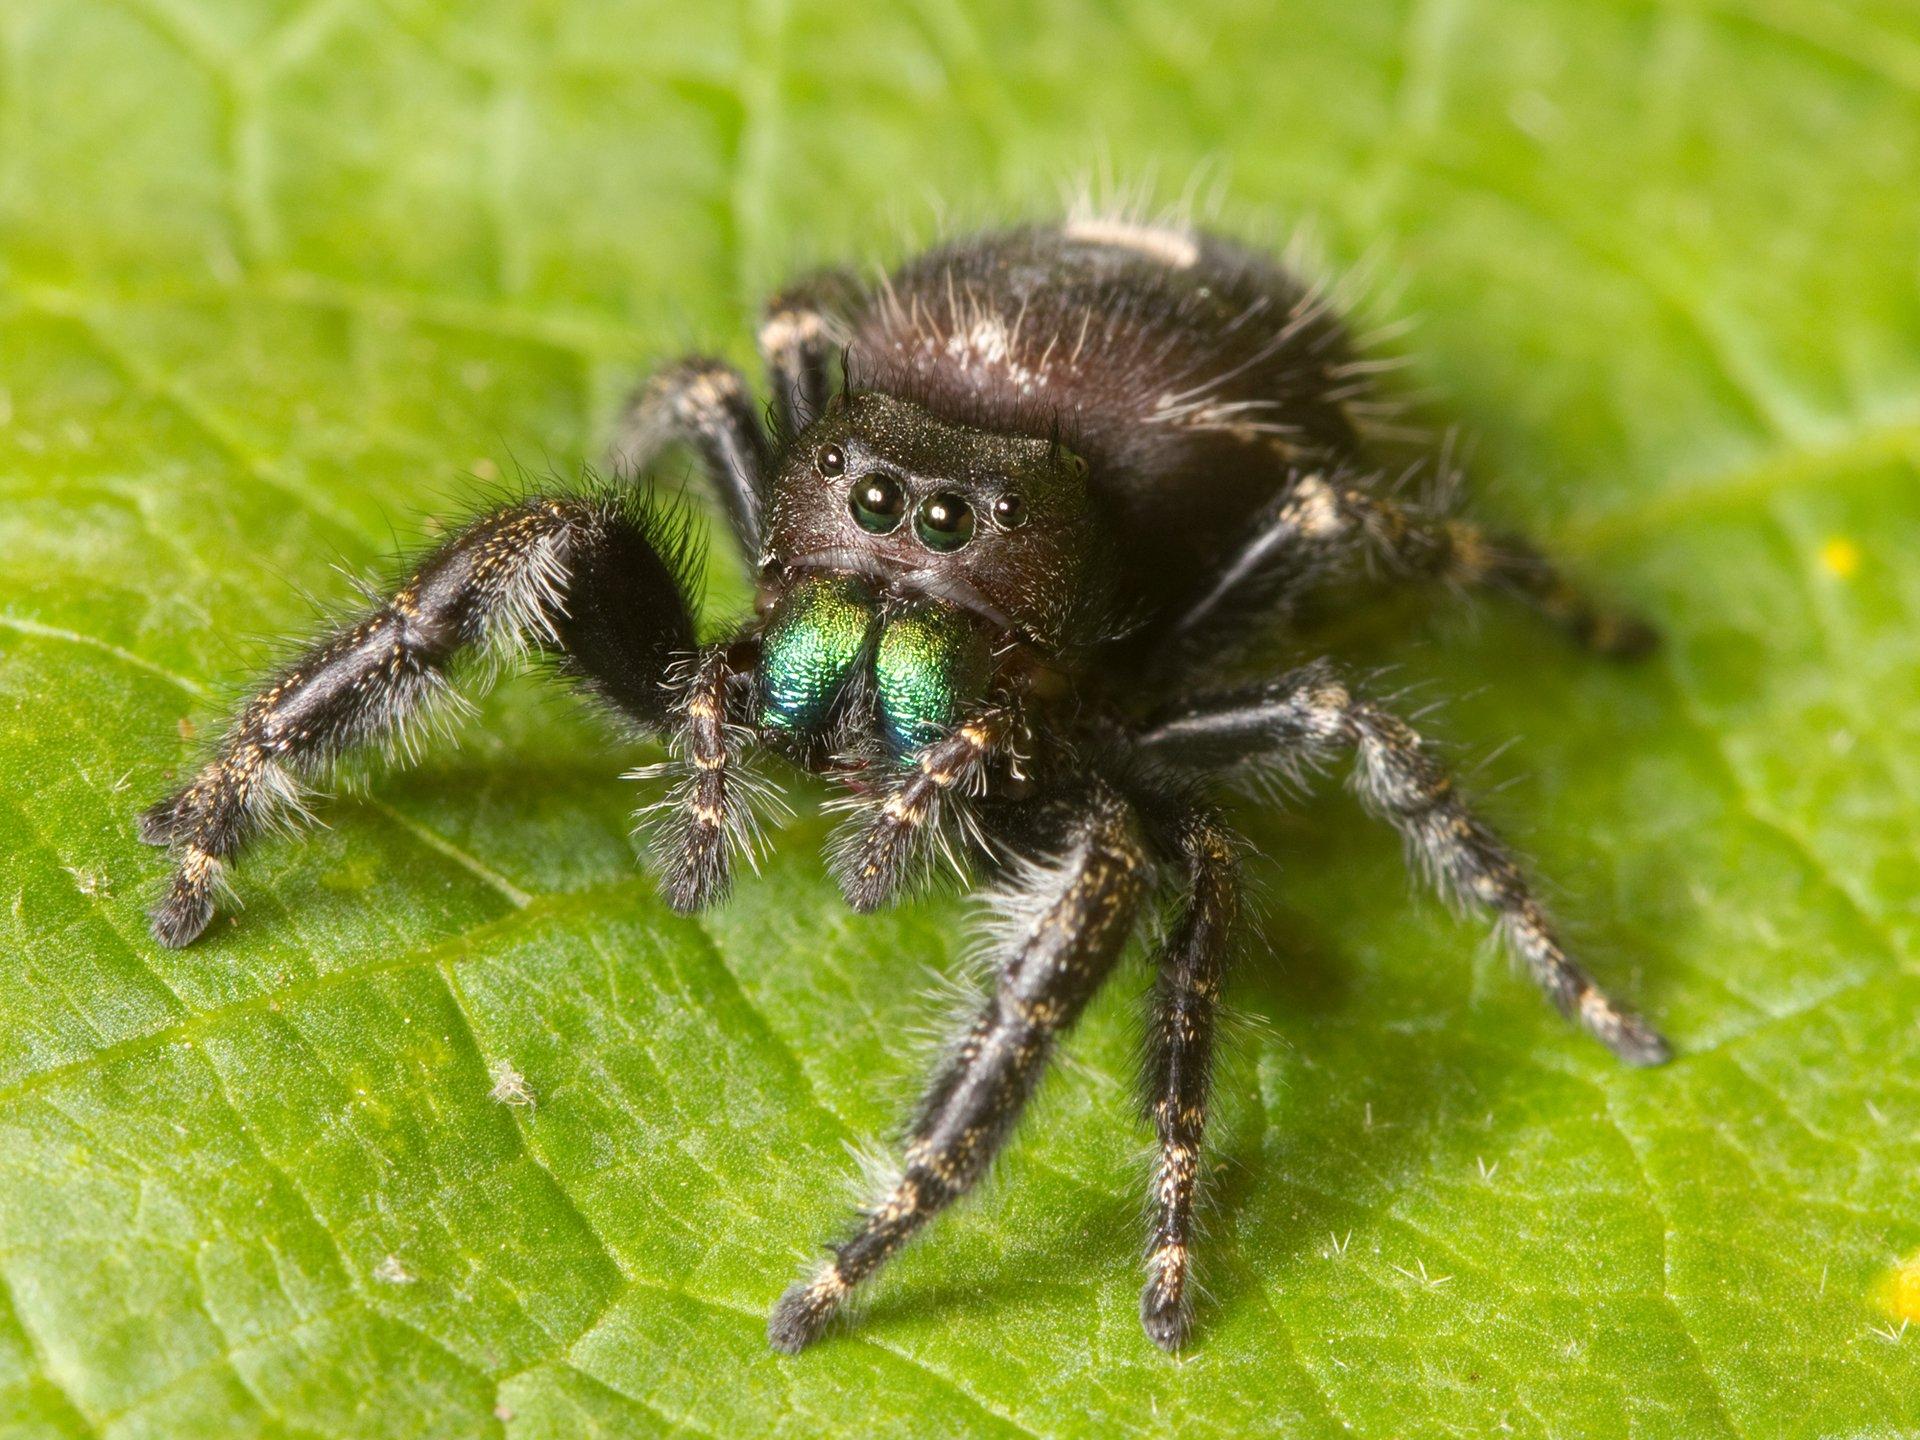 Как далеко прыгает паук скакун, почему он хорошо видит?